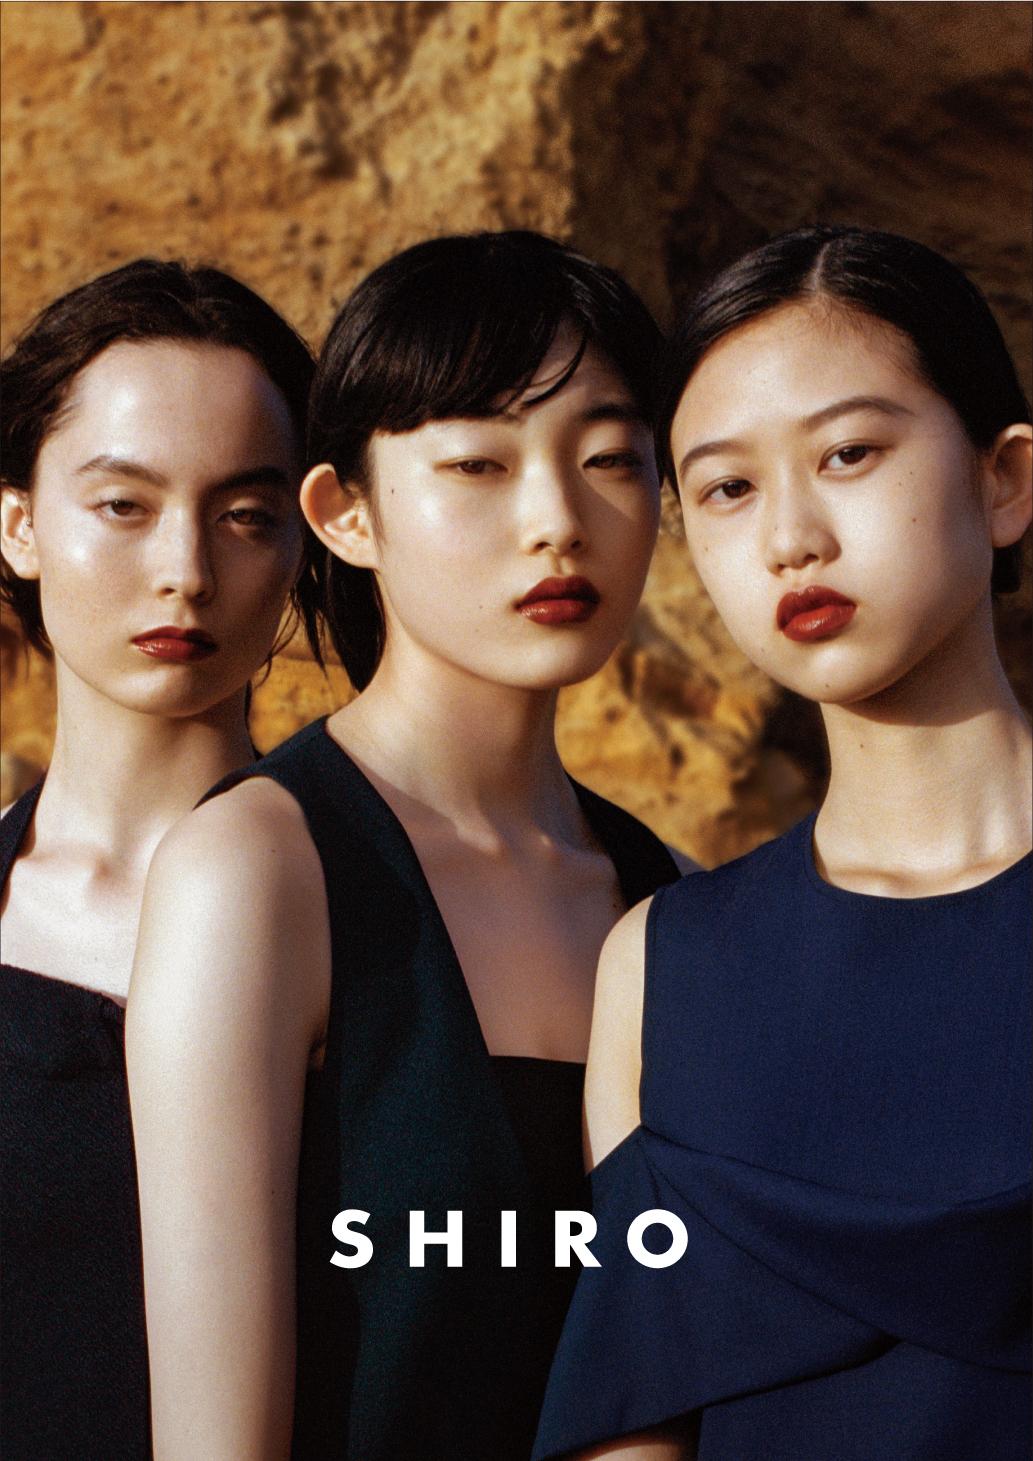 shiro_2021aw